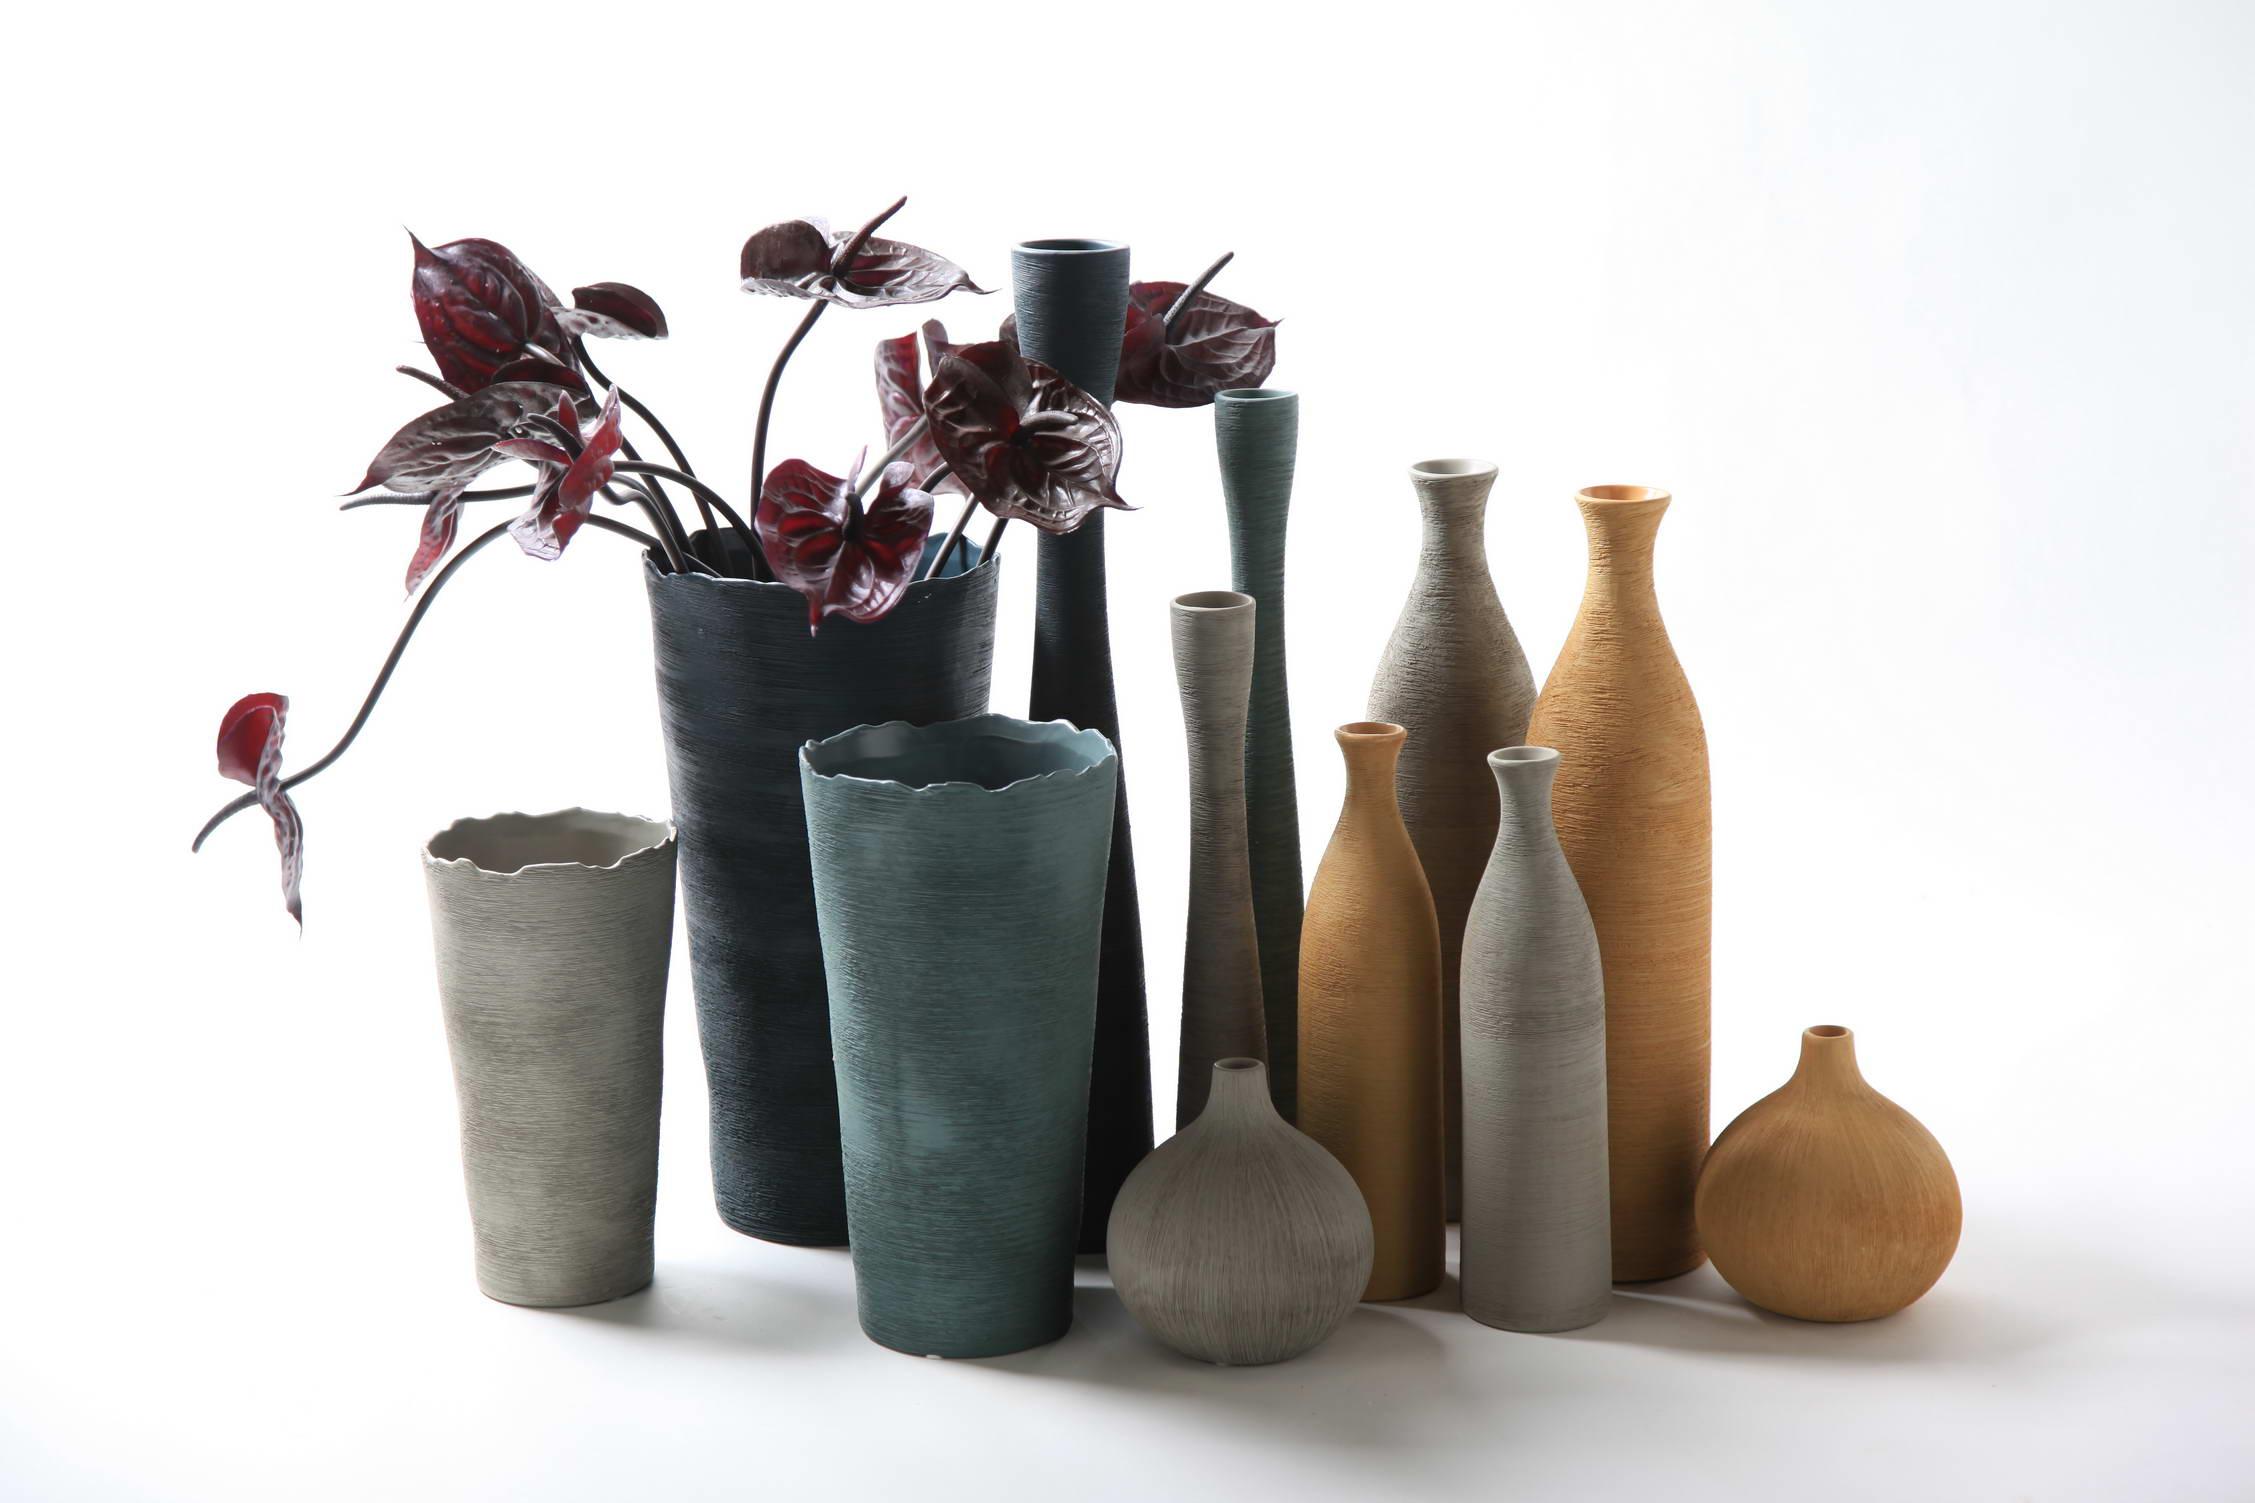 花瓶摆件 软装简约现代陶瓷哑光釉三件套花插居家装饰品工艺图片